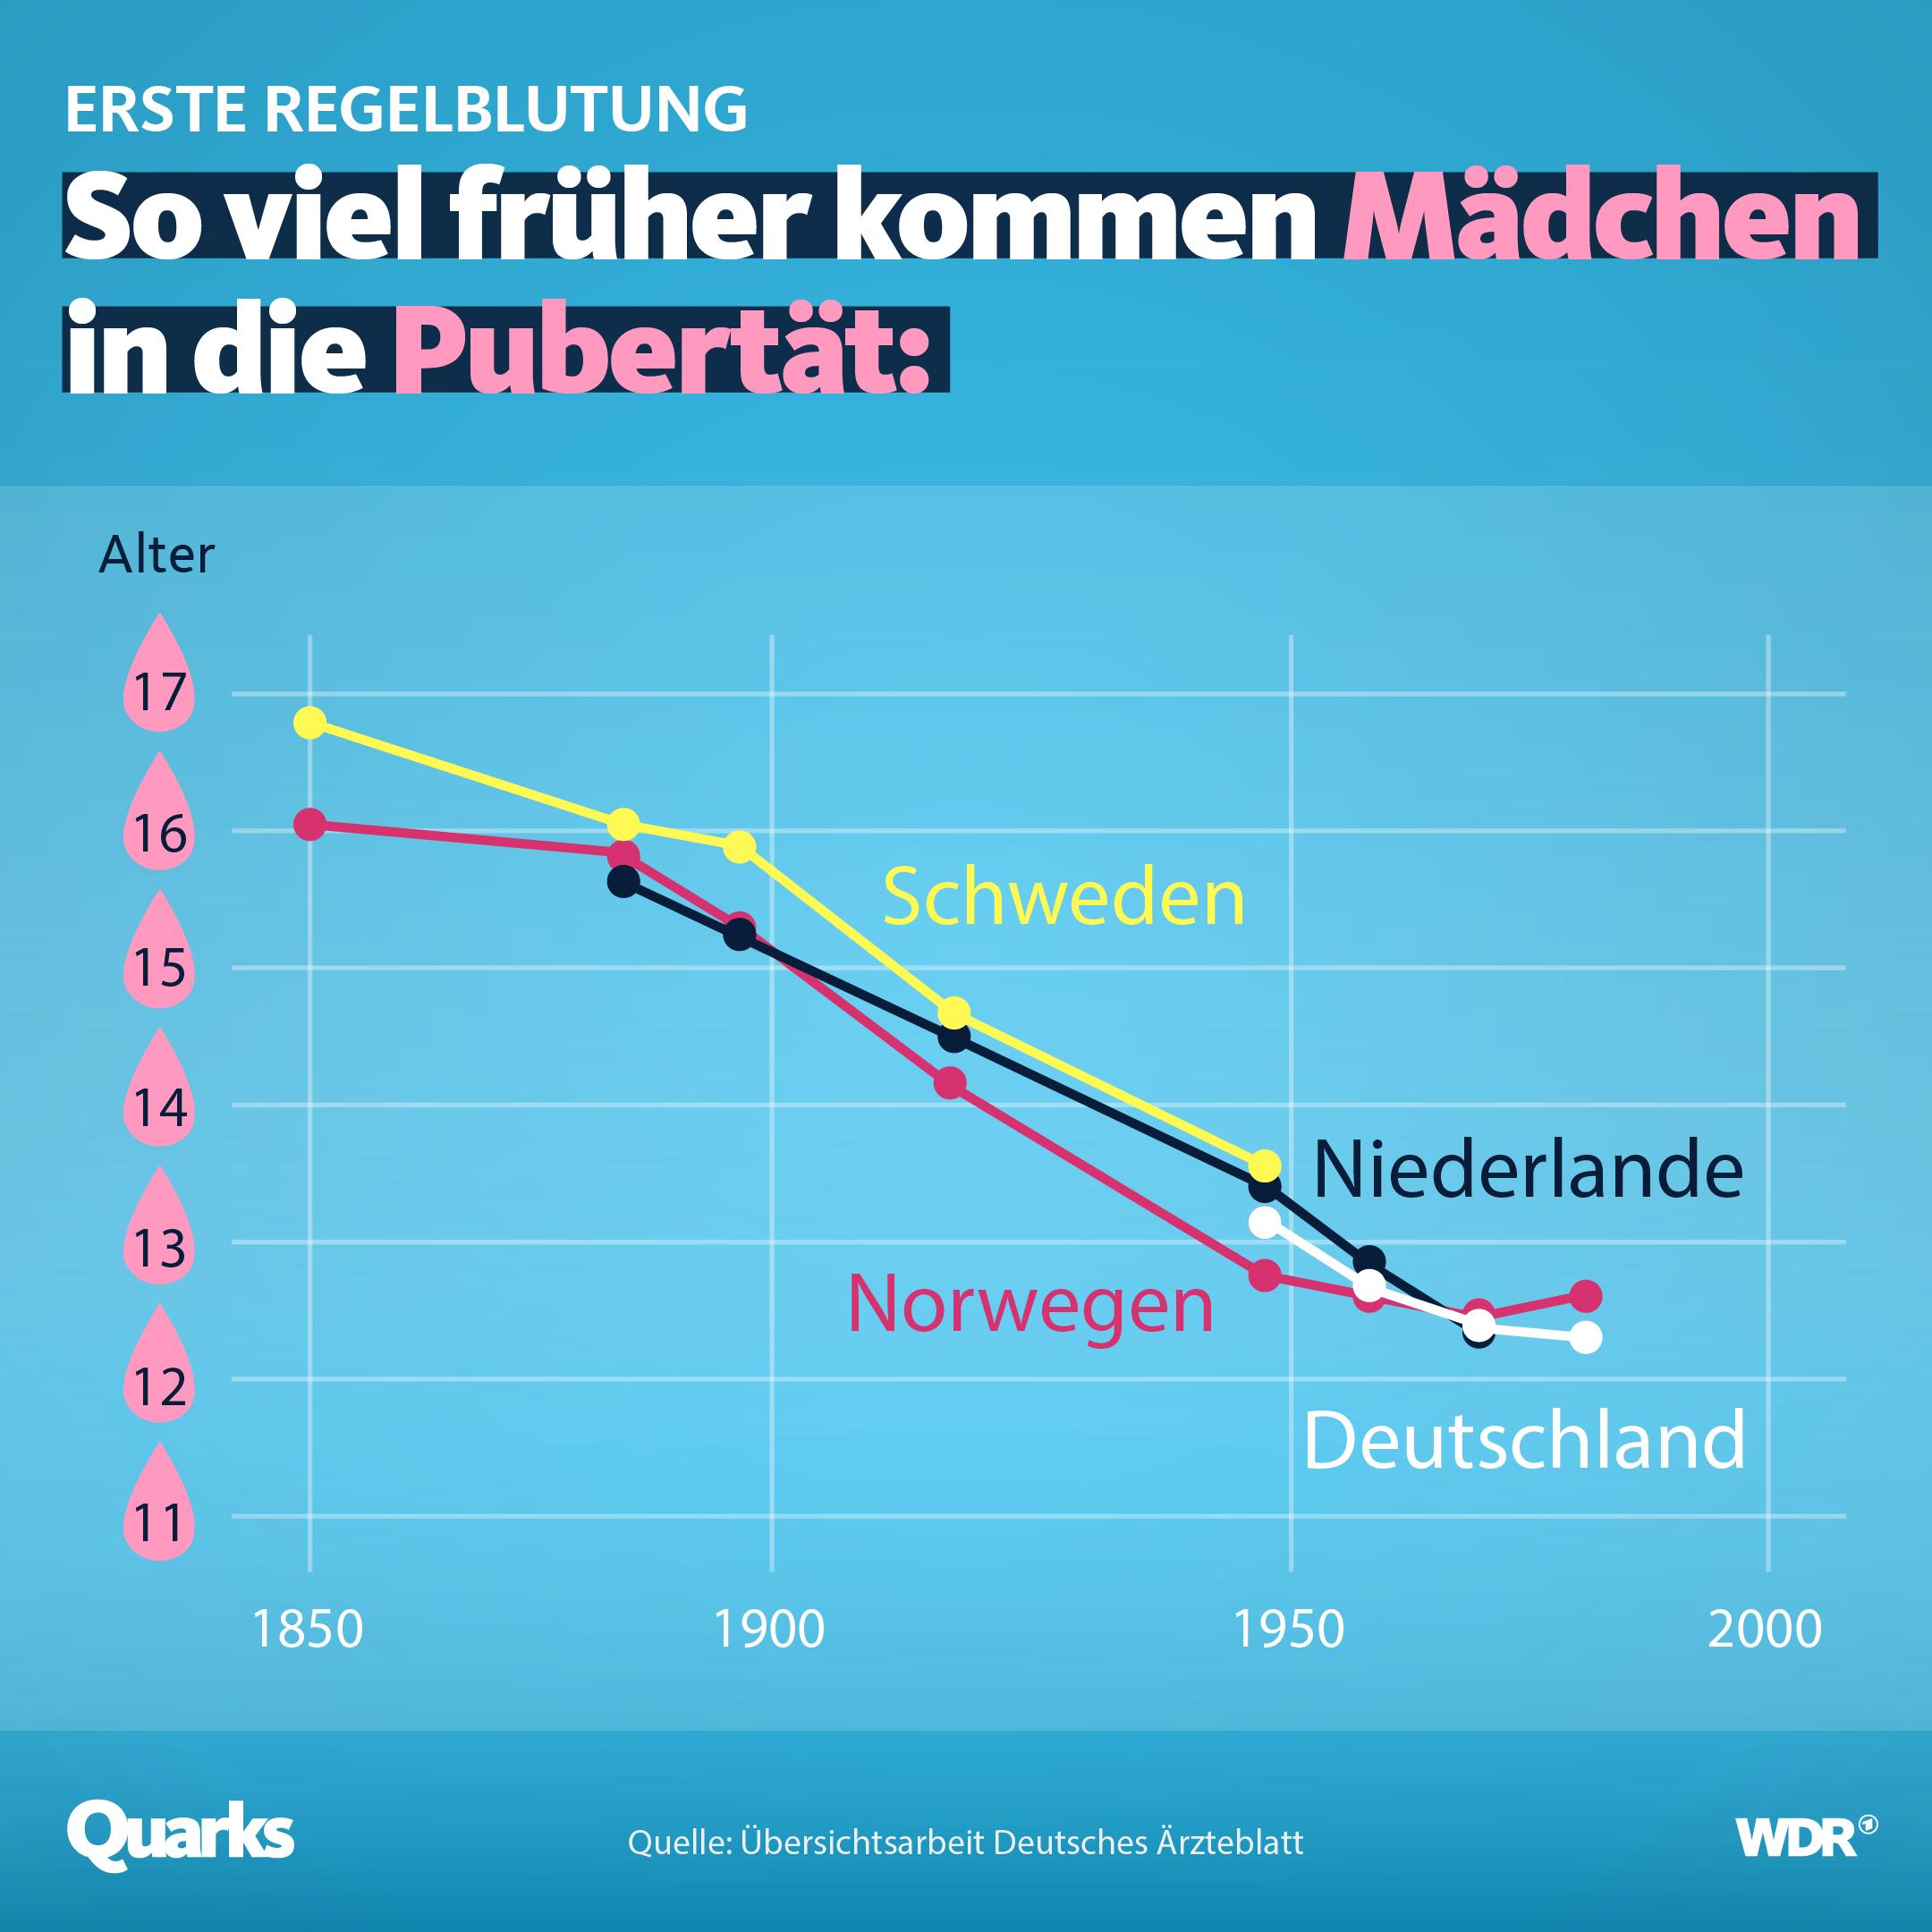 Grafik, die zeigt, dass sich der Zeitpunkt der ersten Regelblutung seit 1850 immer weiter nach vorne verschiebt.